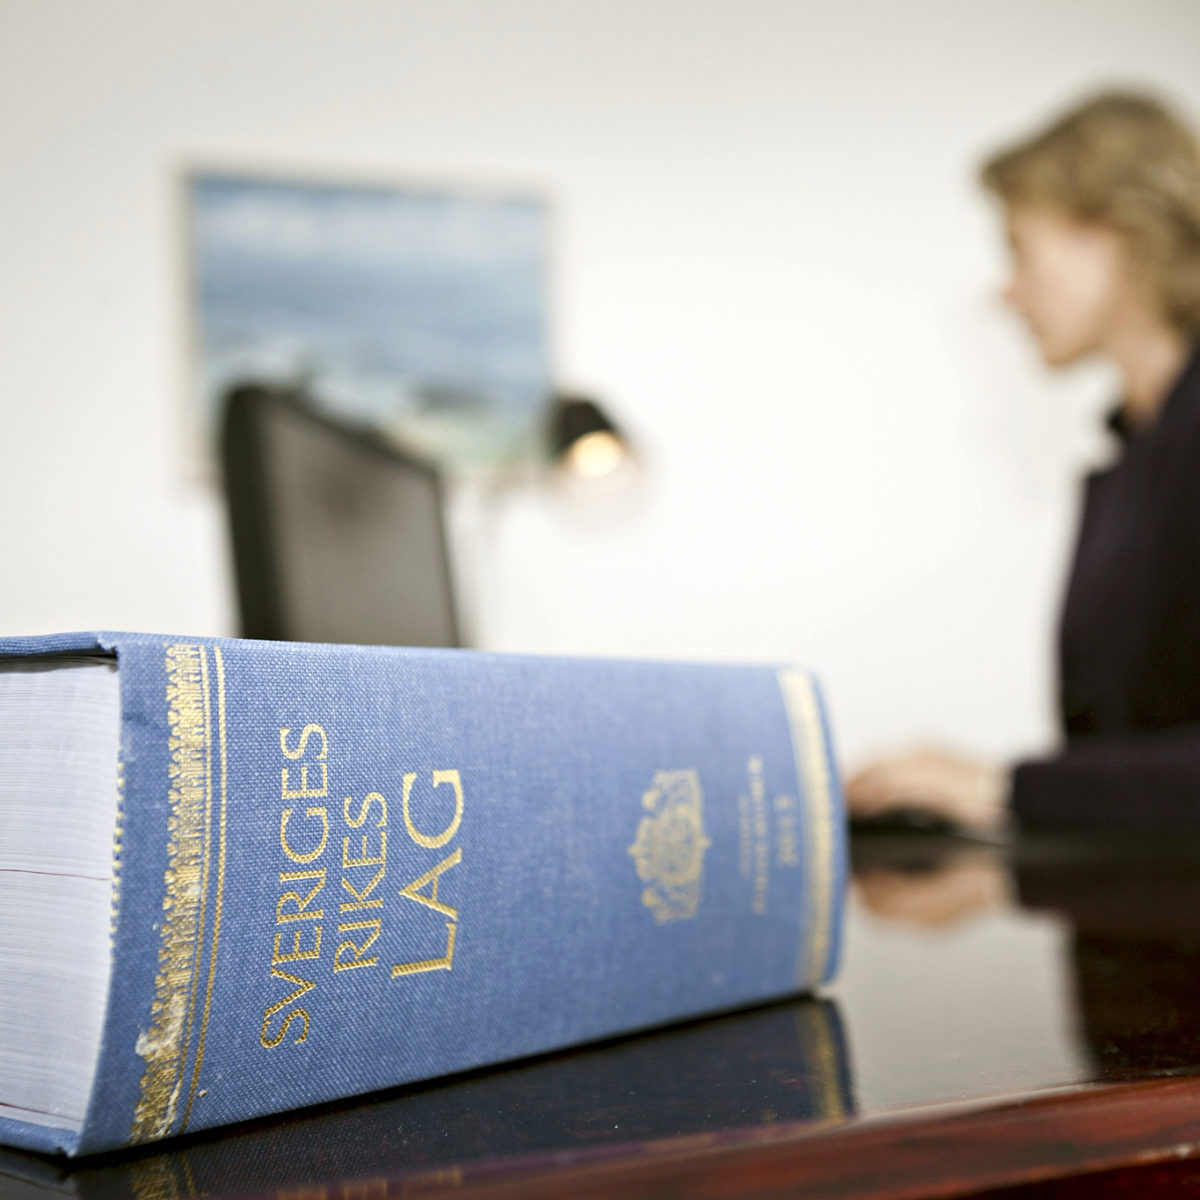 Seksuaalirikoslaki uudistui Ruotsissa viime kesänä.